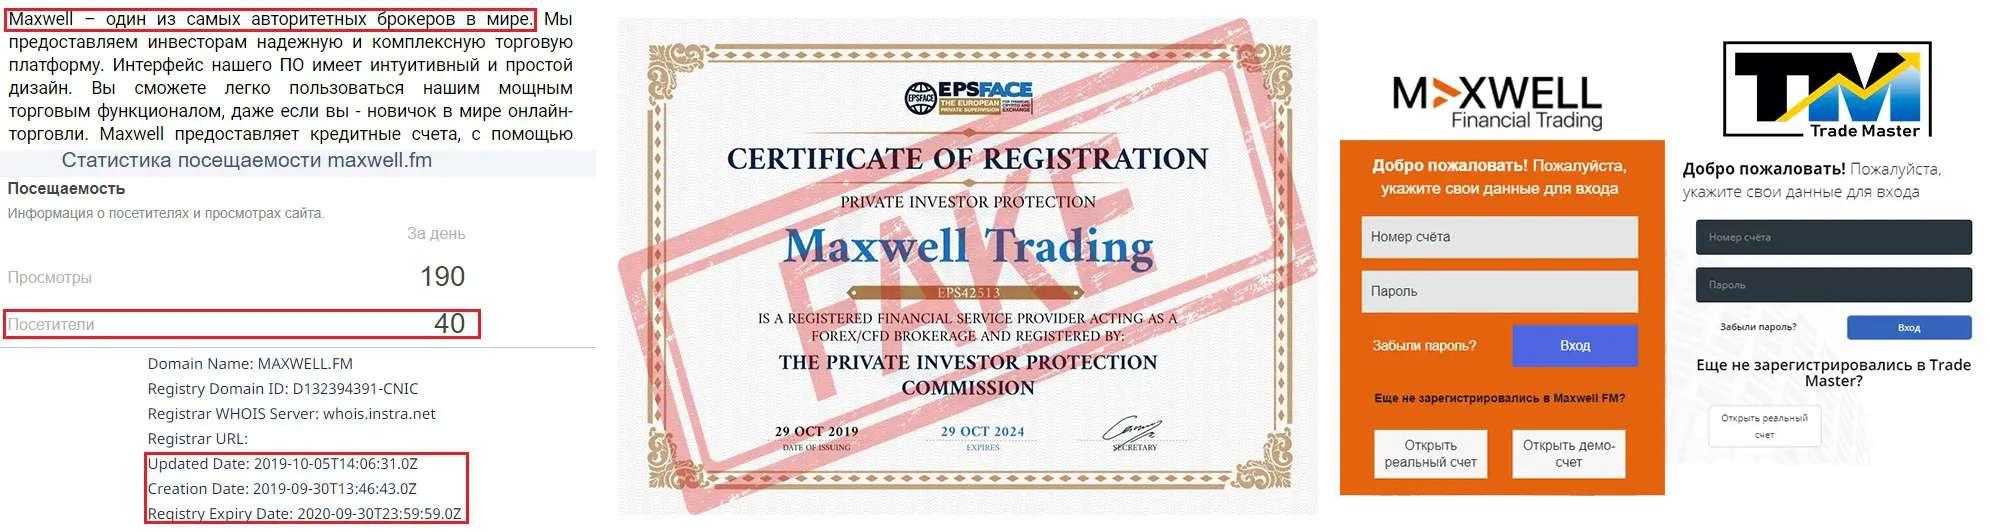 Обзор Maxwell FM. Отзывы и стоит ли доверять?